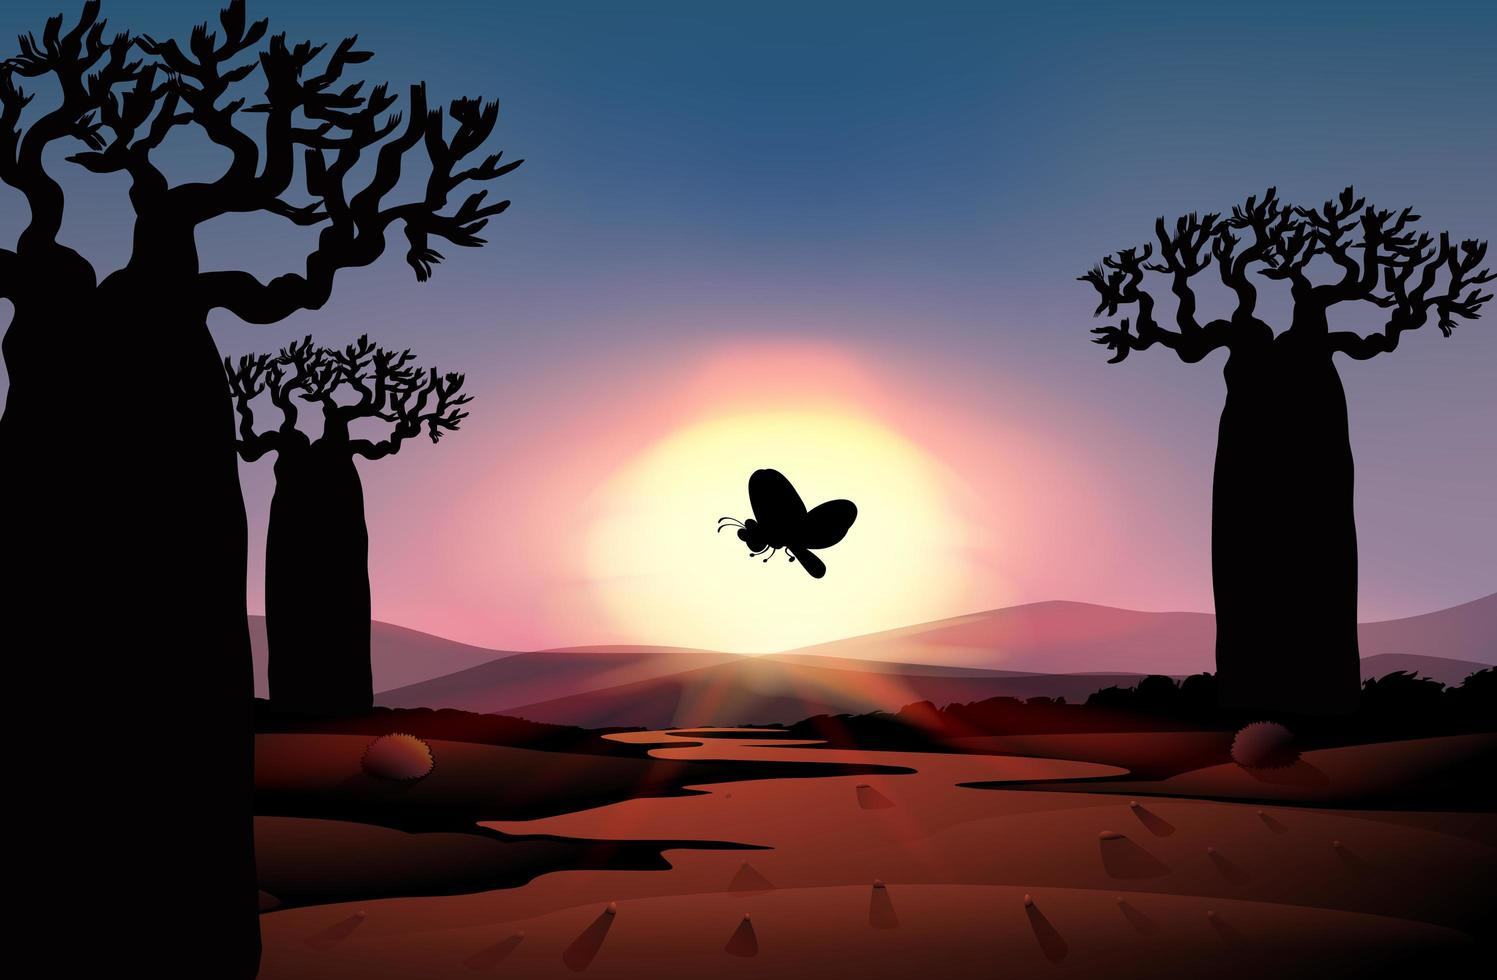 scène de coucher de soleil silhouette nature en plein air vecteur